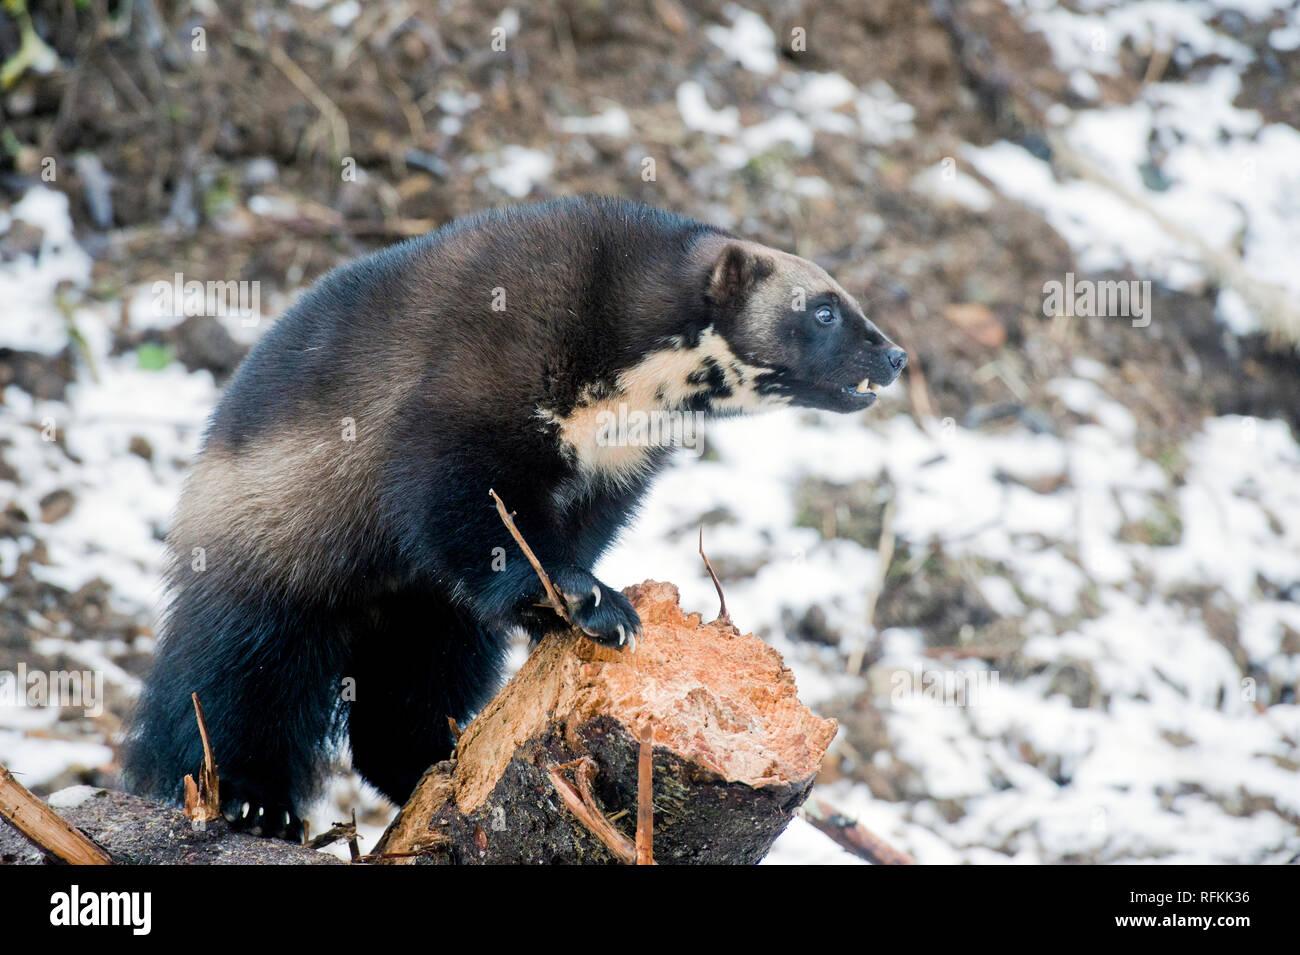 Captive wolverine - Stock Image